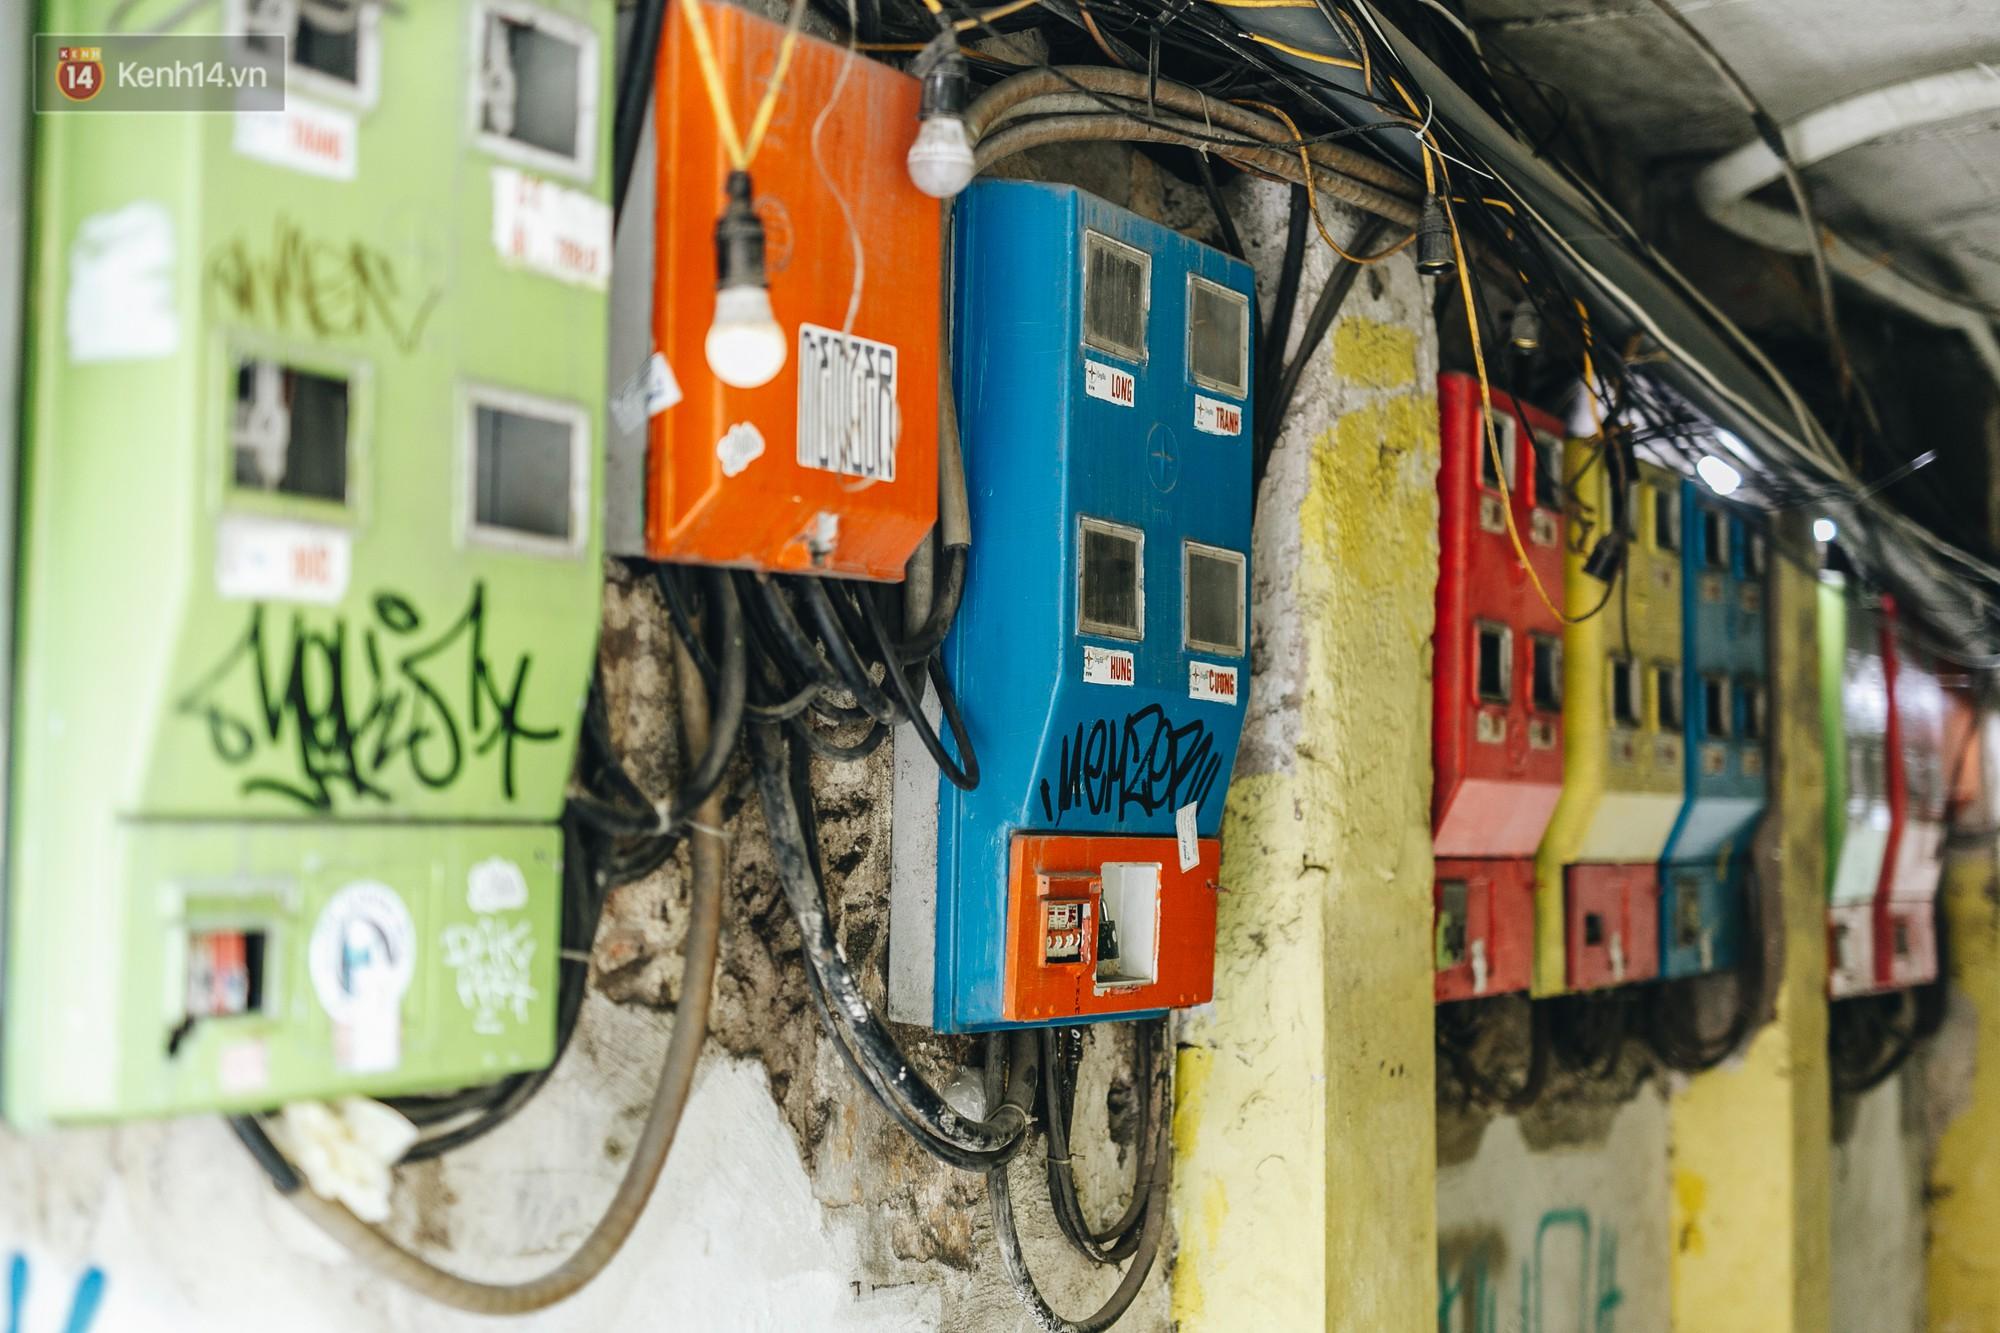 Ngộ nghĩnh và đáng yêu với những bức tranh được vẽ lên các hộp điện cũ kỹ ở phố cổ Hà Nội, tác giả là một gương mặt lạ mà quen - Ảnh 1.